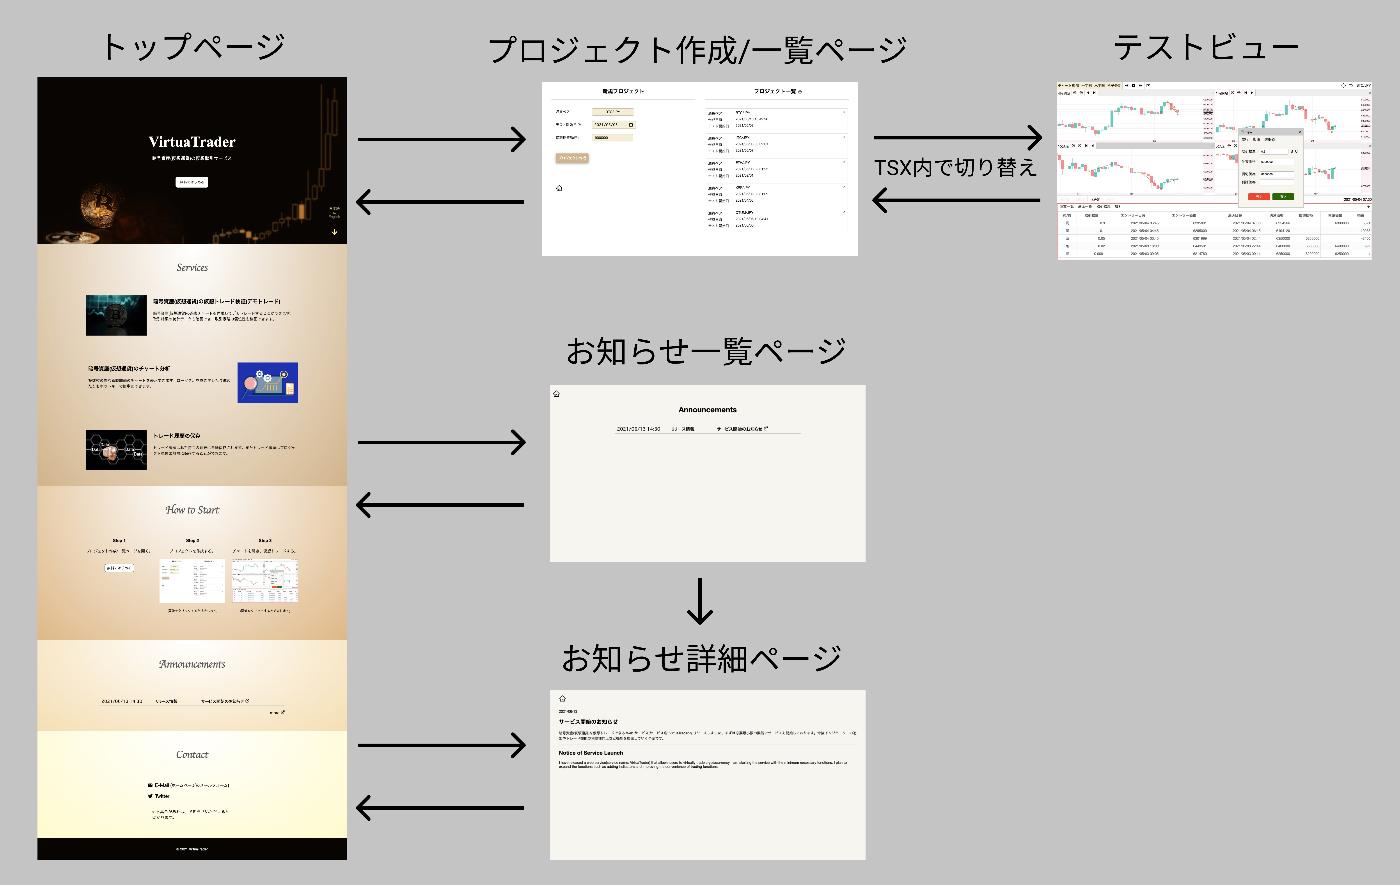 図2: 画面遷移図